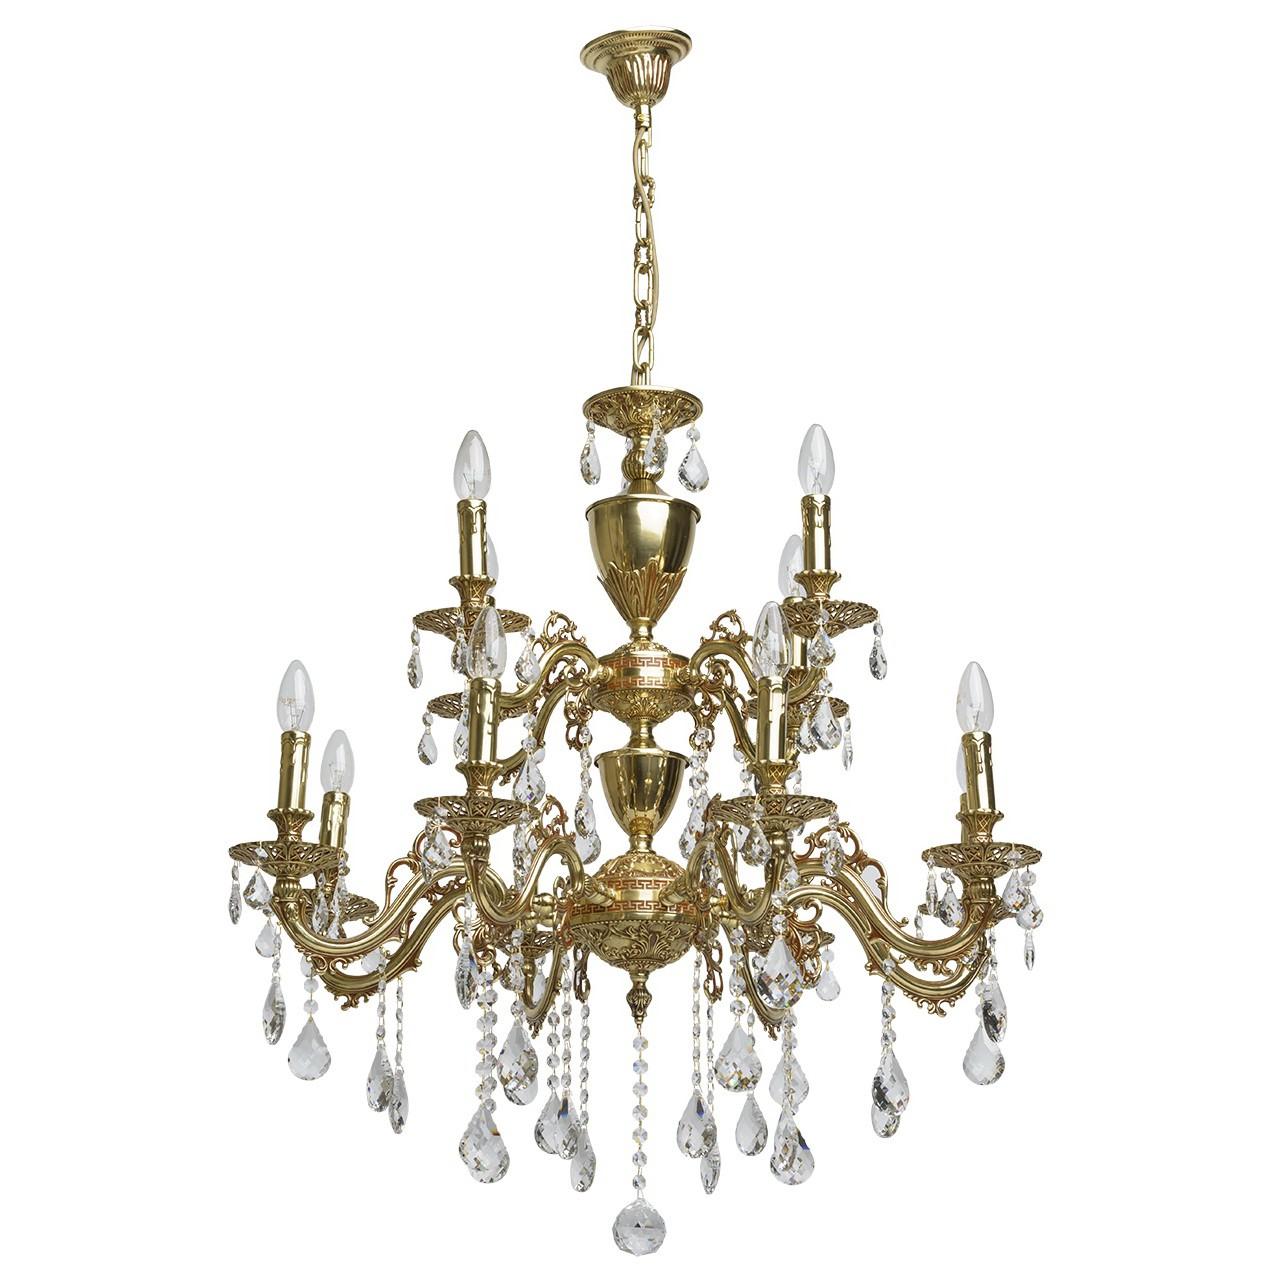 Люстра ChiaroЛюстры<br>Назначение светильника: для гостиной,<br>Стиль светильника: классика,<br>Тип: подвесная,<br>Материал плафона: ткань,<br>Материал арматуры: металл,<br>Длина (мм): 520,<br>Ширина: 500,<br>Высота: 1320,<br>Количество ламп: 12,<br>Тип лампы: накаливания,<br>Мощность: 60,<br>Патрон: Е14,<br>Цвет арматуры: медь,<br>Коллекция: Паула<br>